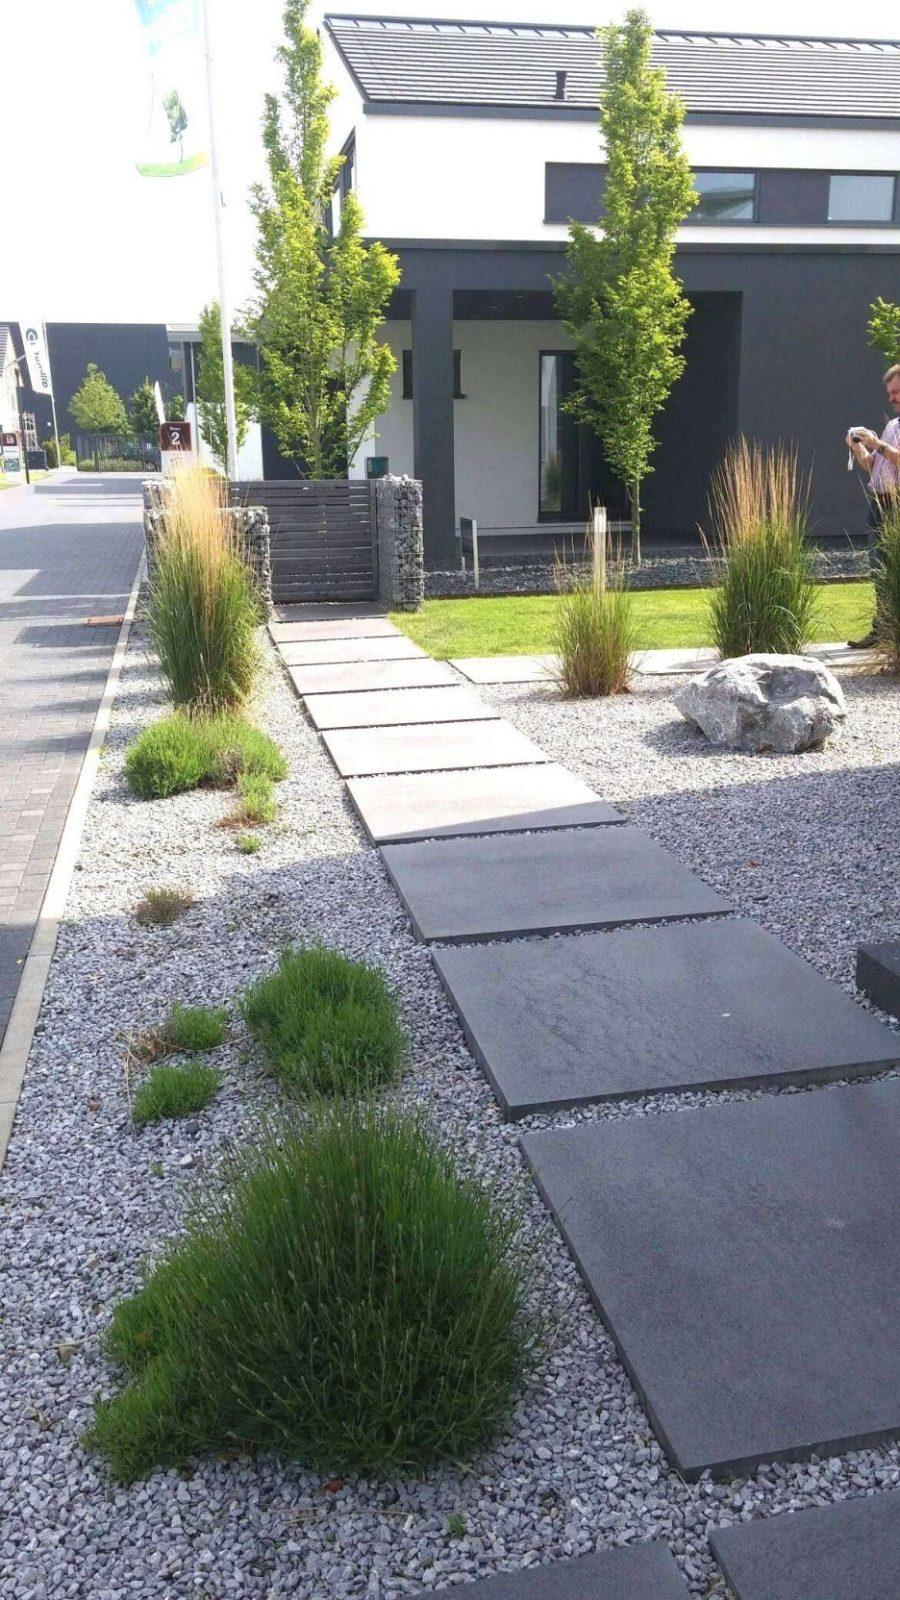 Garten Mit Steinen Anlegen Elegant Gartengestaltung Ideen Bilder von Garten Mit Steinen Gestalten Bild